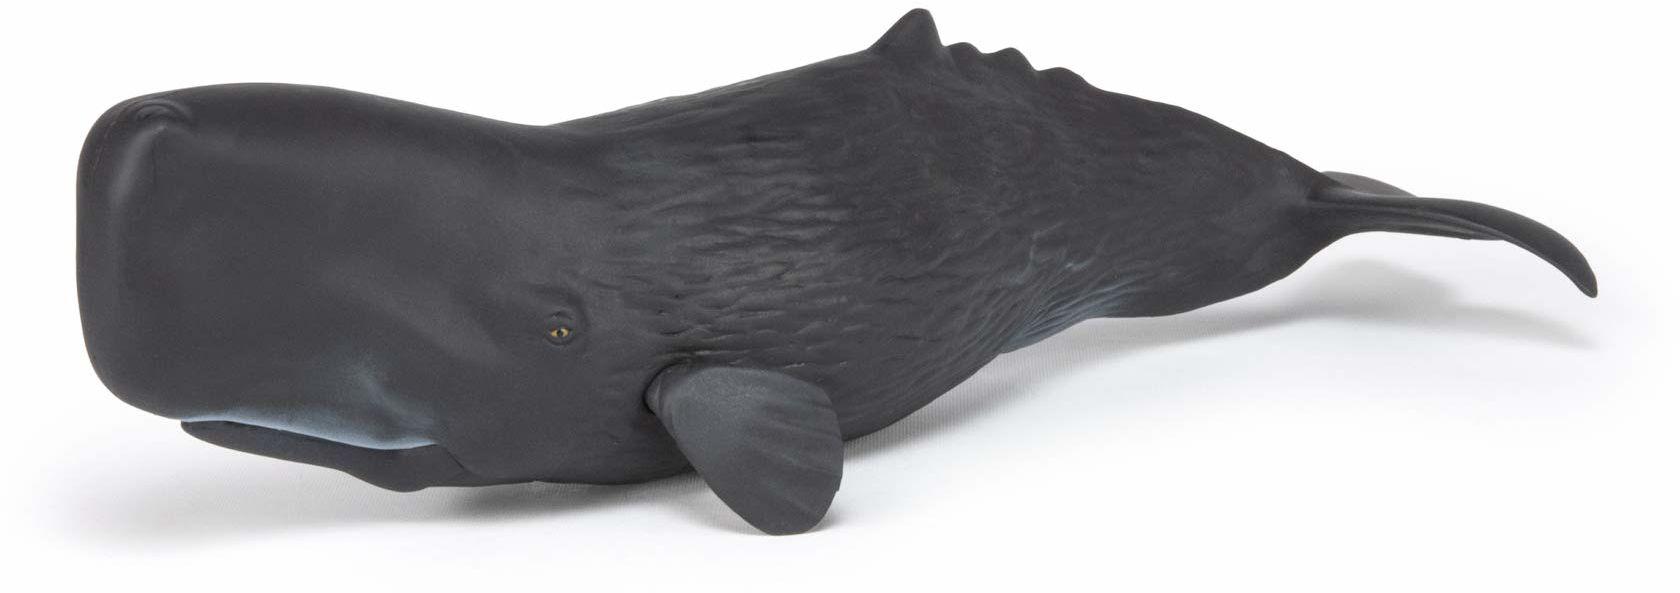 Papo 56036 Figurka wieloryb plemnika MARINE LIFE, wielokolorowa